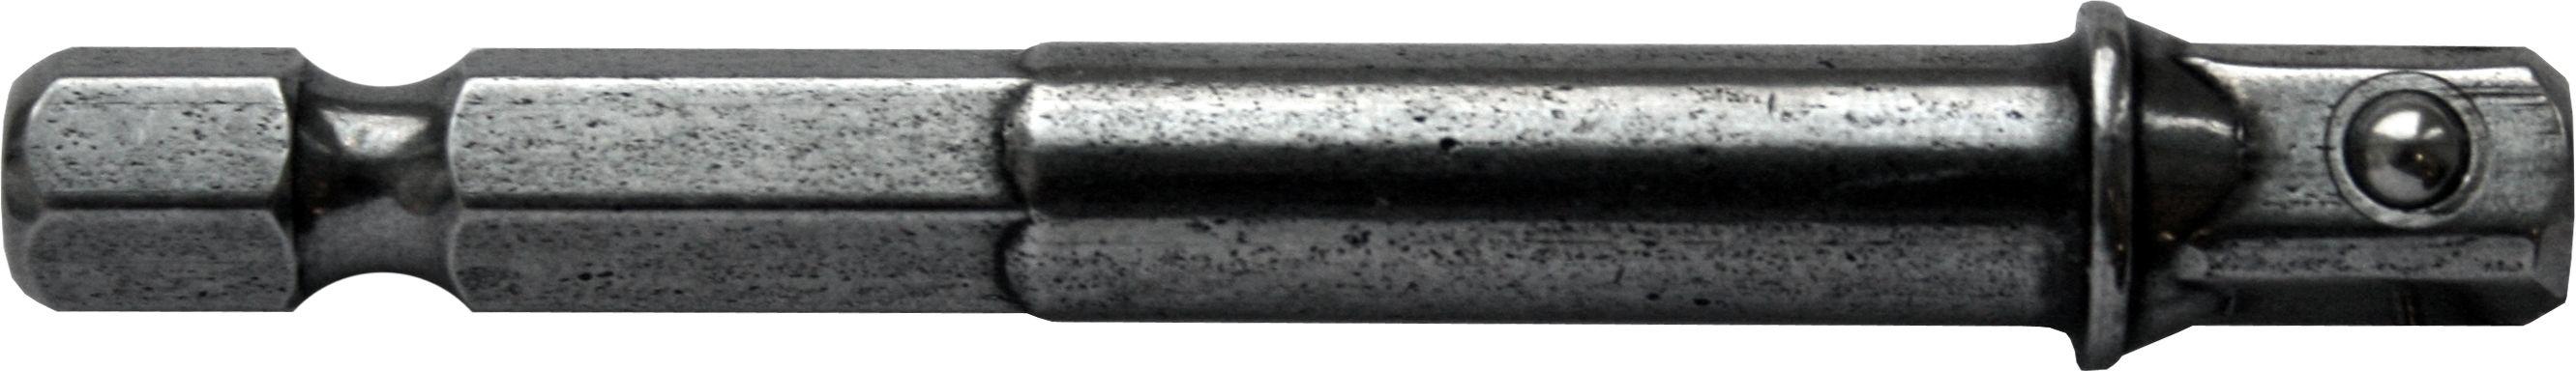 Держатель ПРАКТИКА 776-690 для головок, hex 1/4'' - квадрат 1/4'', 65мм ударный переходник hans 1 1 2х1 814804b